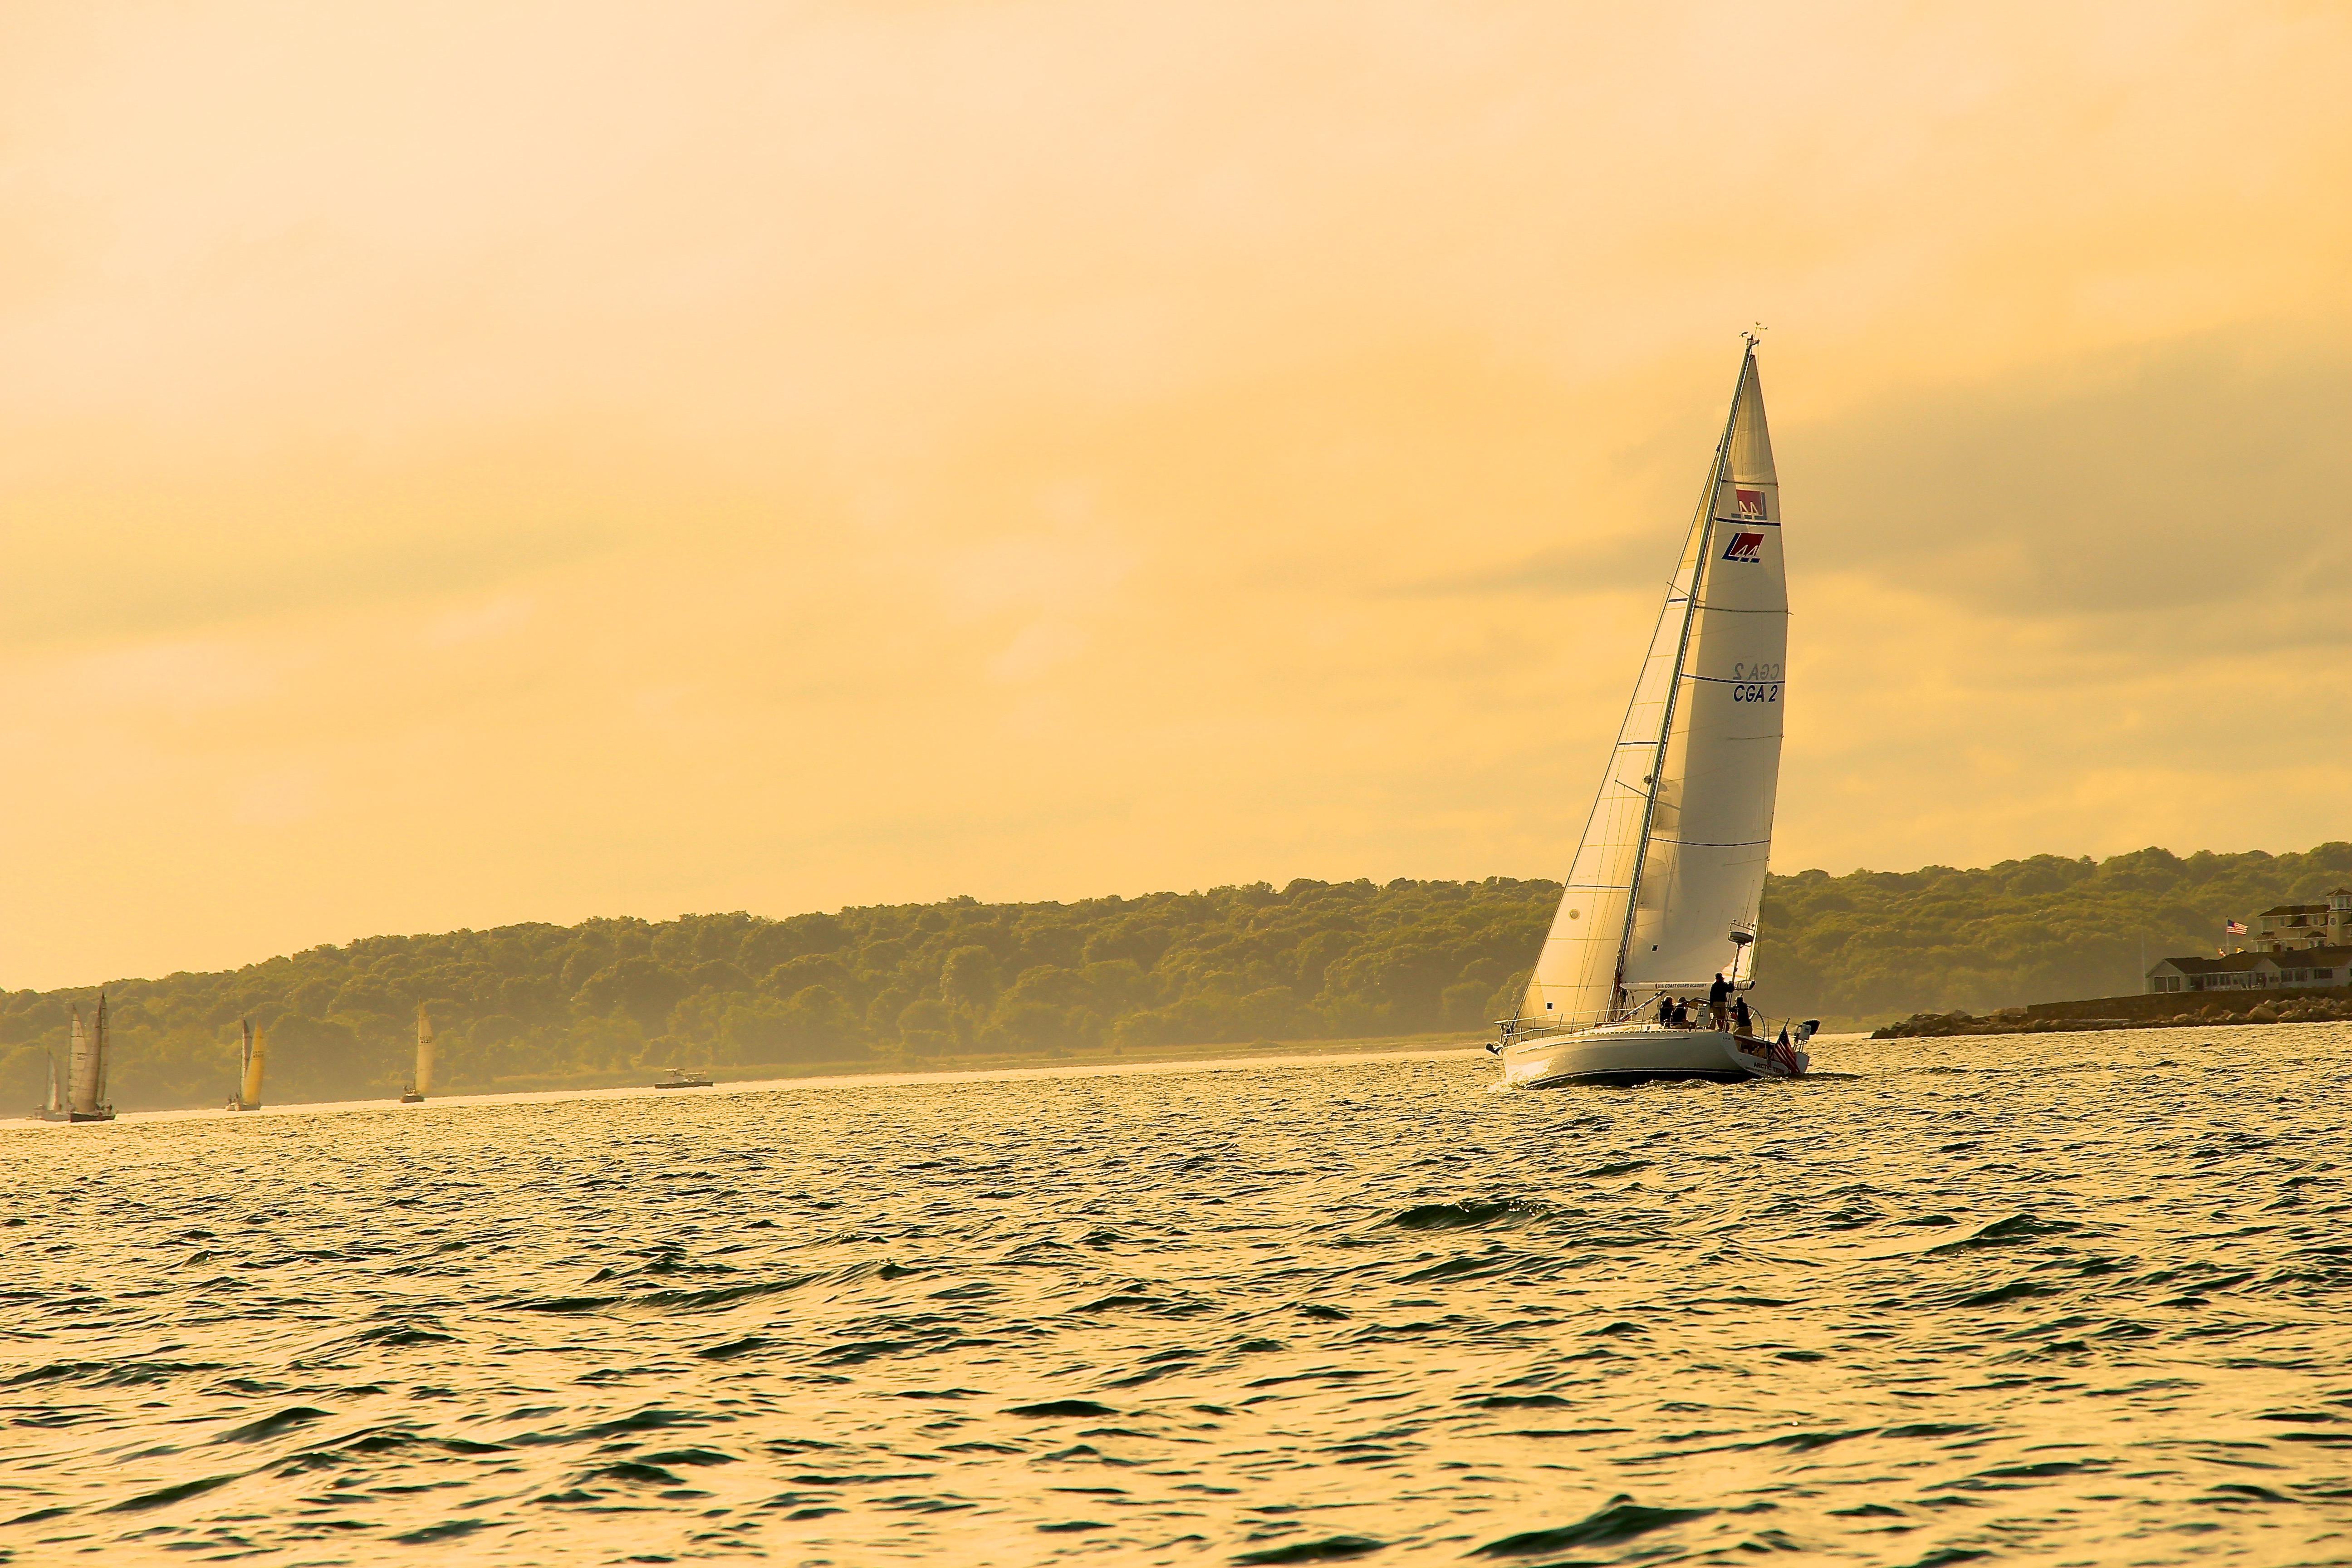 Fishers Island, NY